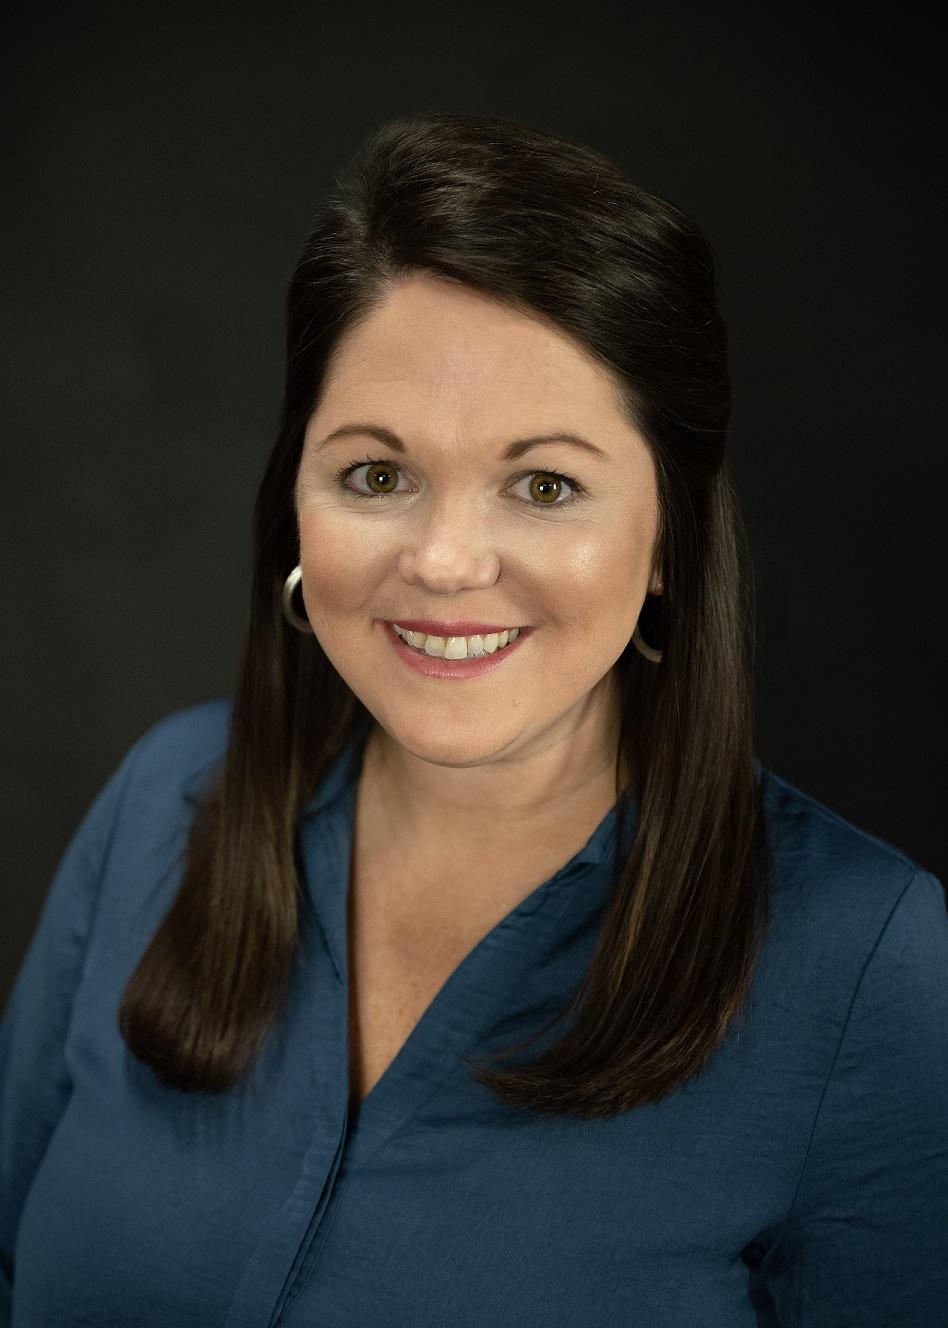 Sarah Keiser